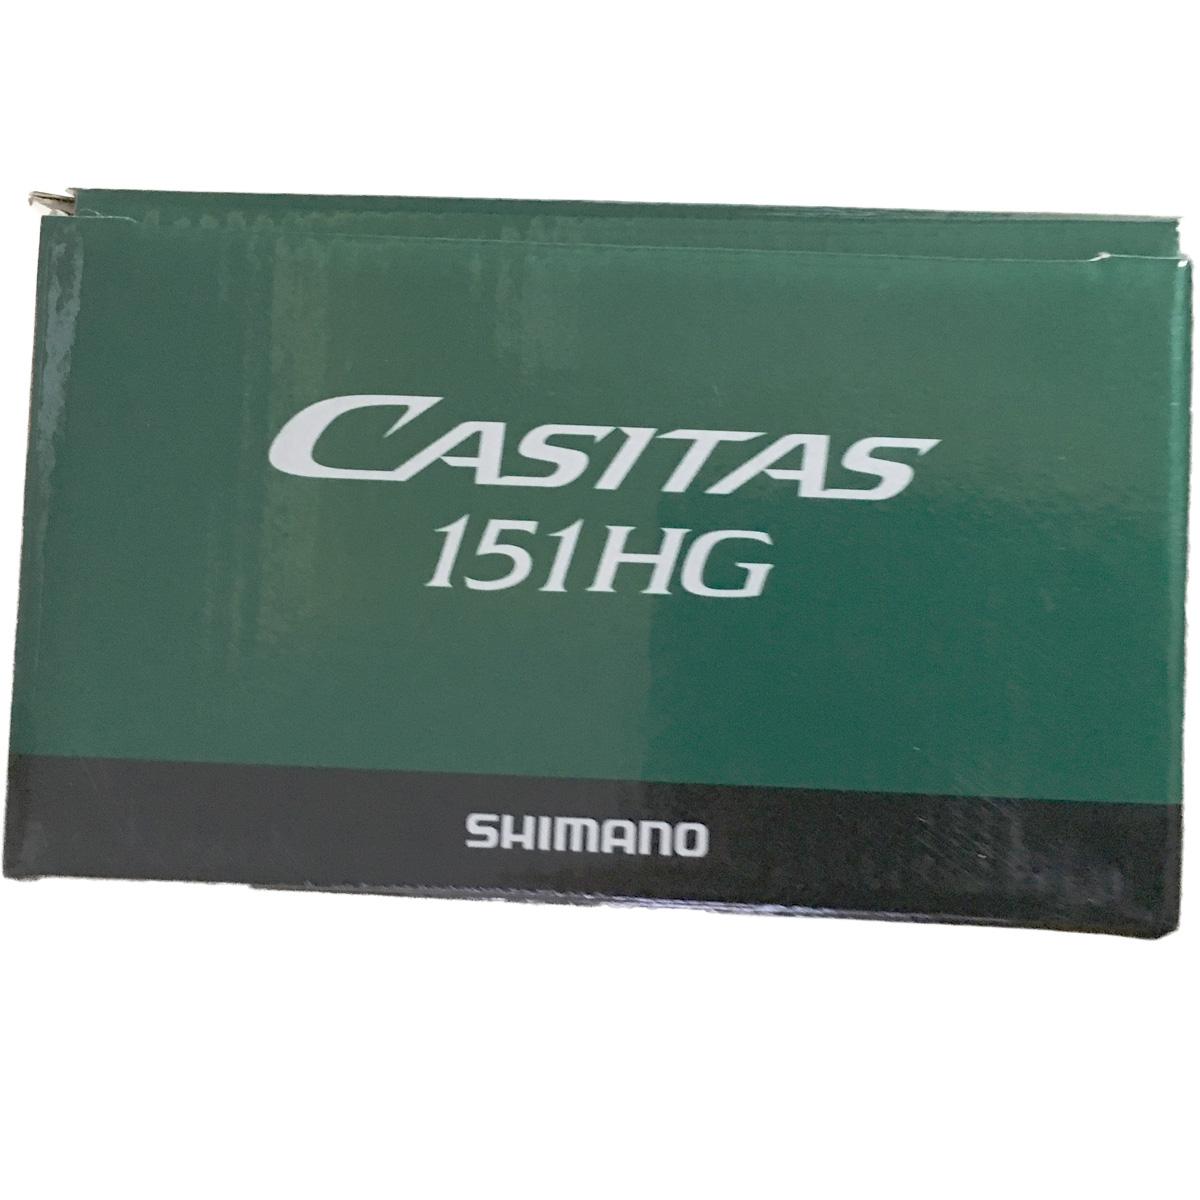 Máy Câu Ngang Shimano Casitas 151 HGTay Quay Trái BH 1 Năm